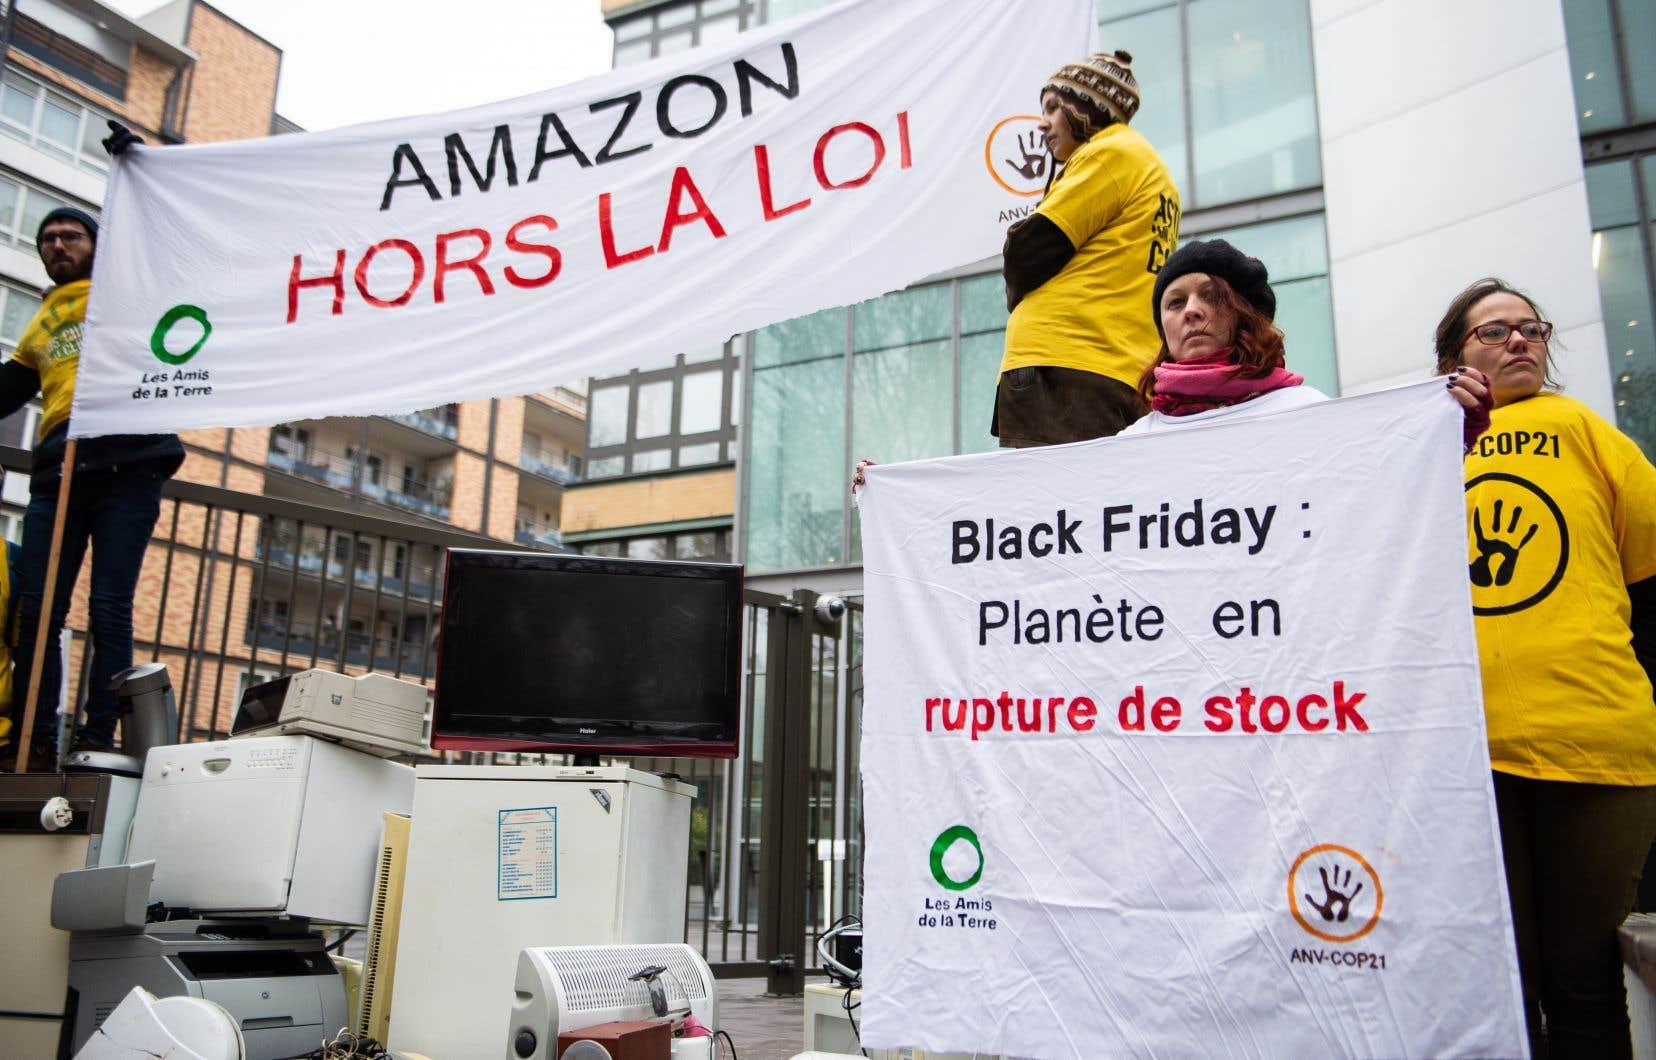 <p>Des salariés d'Amazon, ici en France, se sont mis en grèvepour exiger de meilleures conditions de travail.</p>